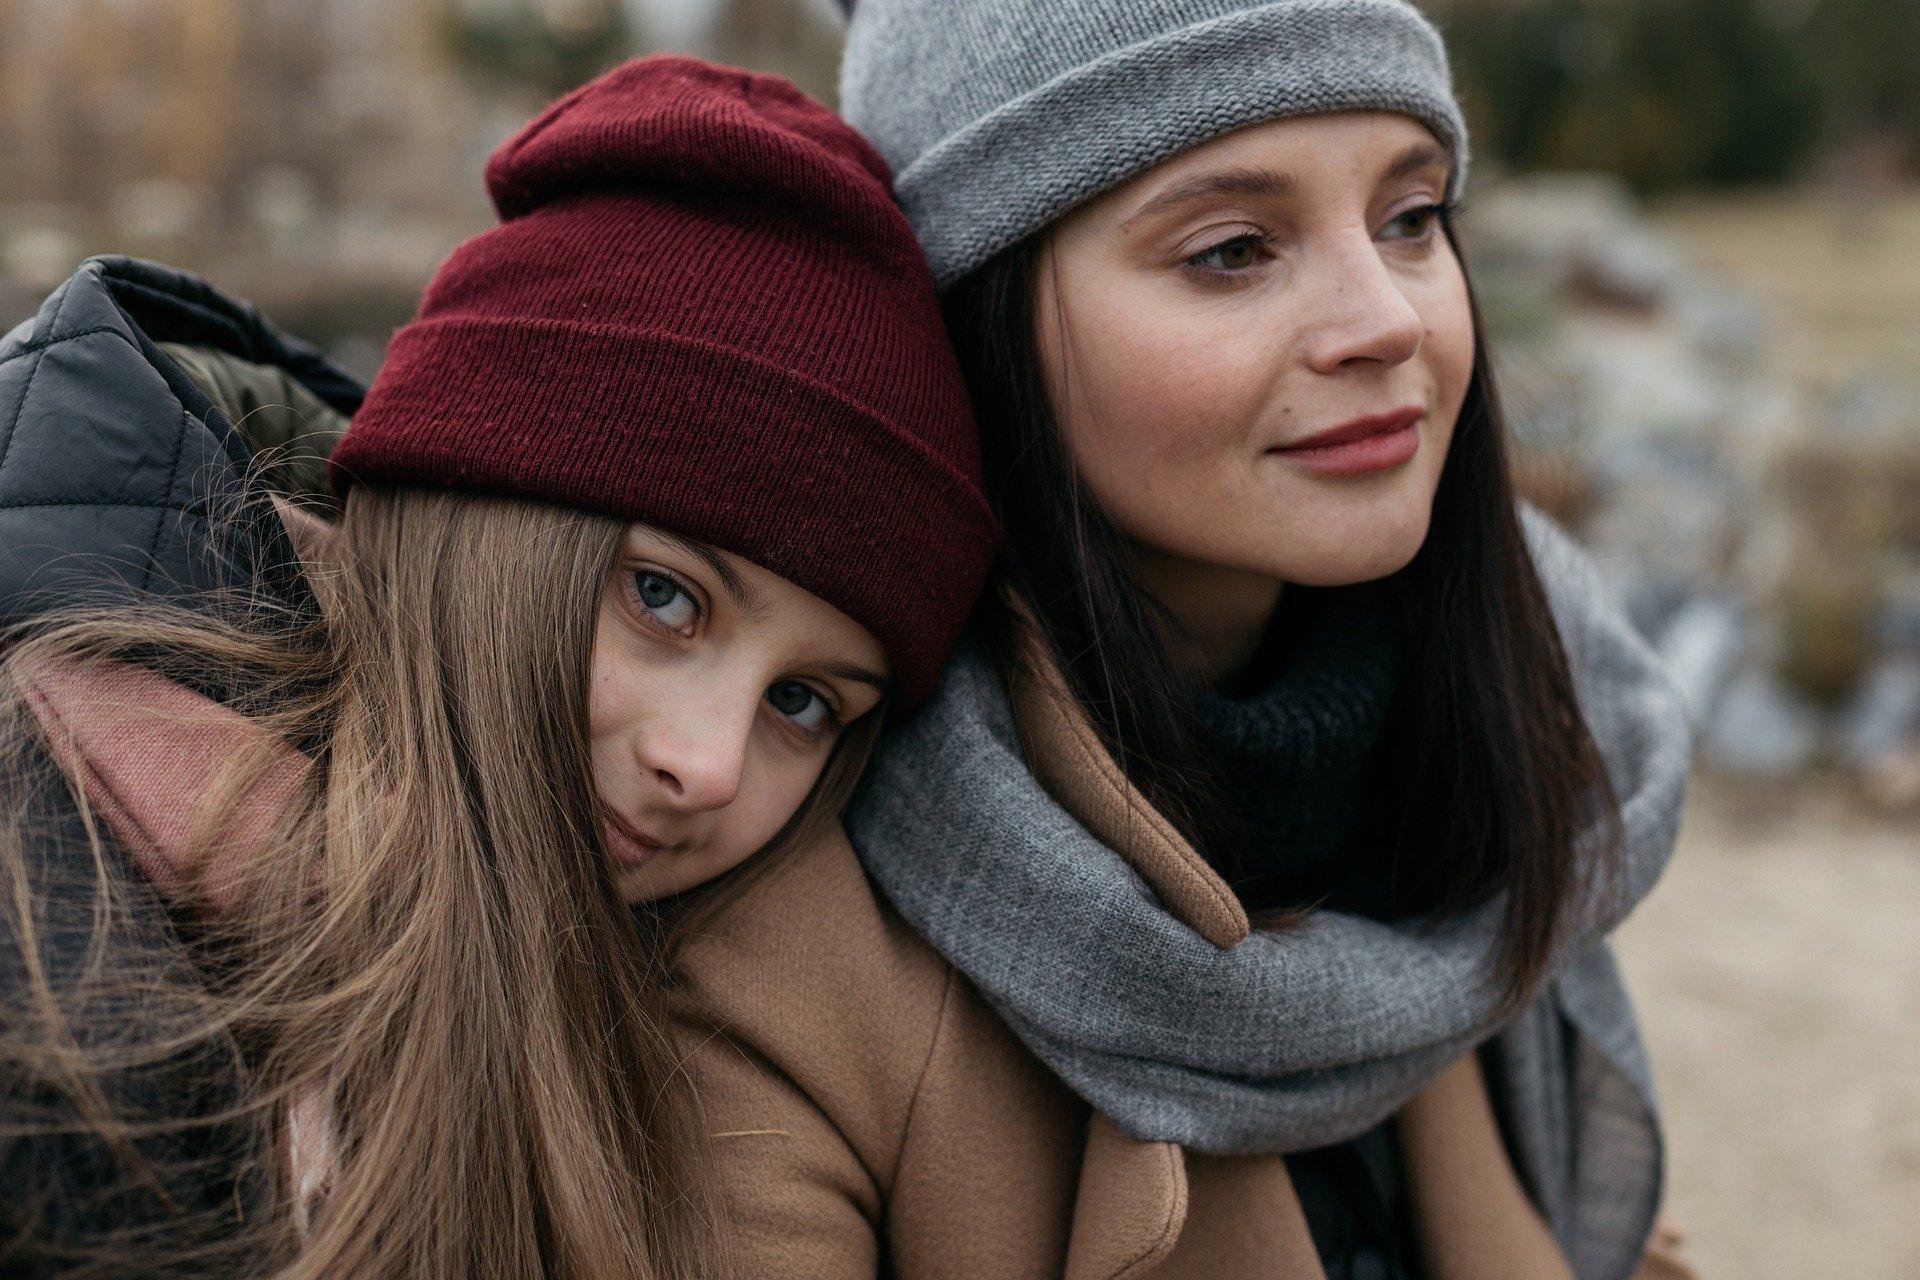 Imagem de duas moças abraçadas com roupas de frio.